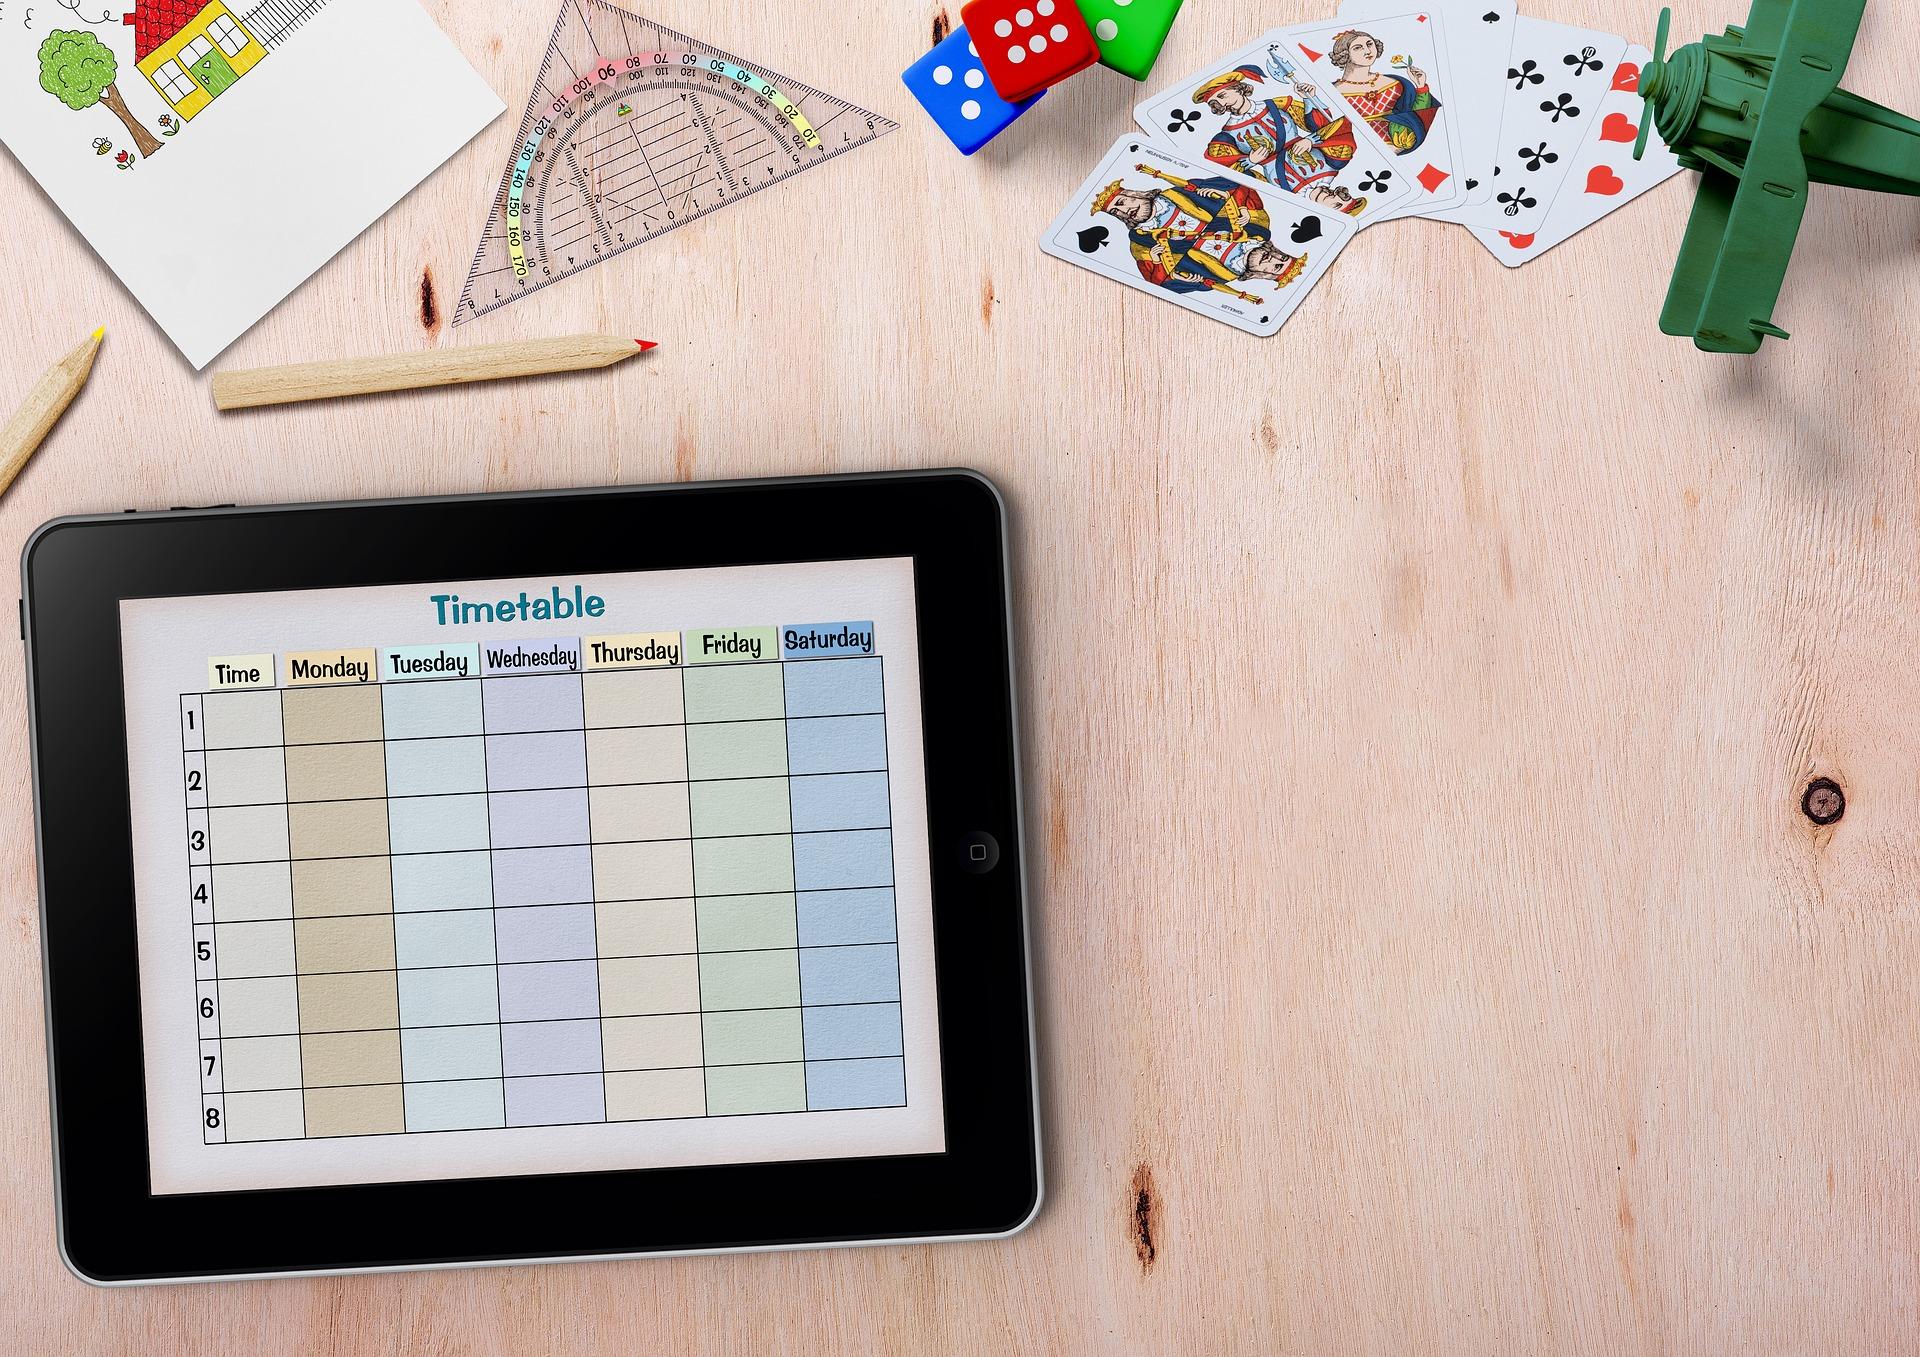 Tablet com calendário, compasso, cartas de baralho, lápis e desenhos ao redor.